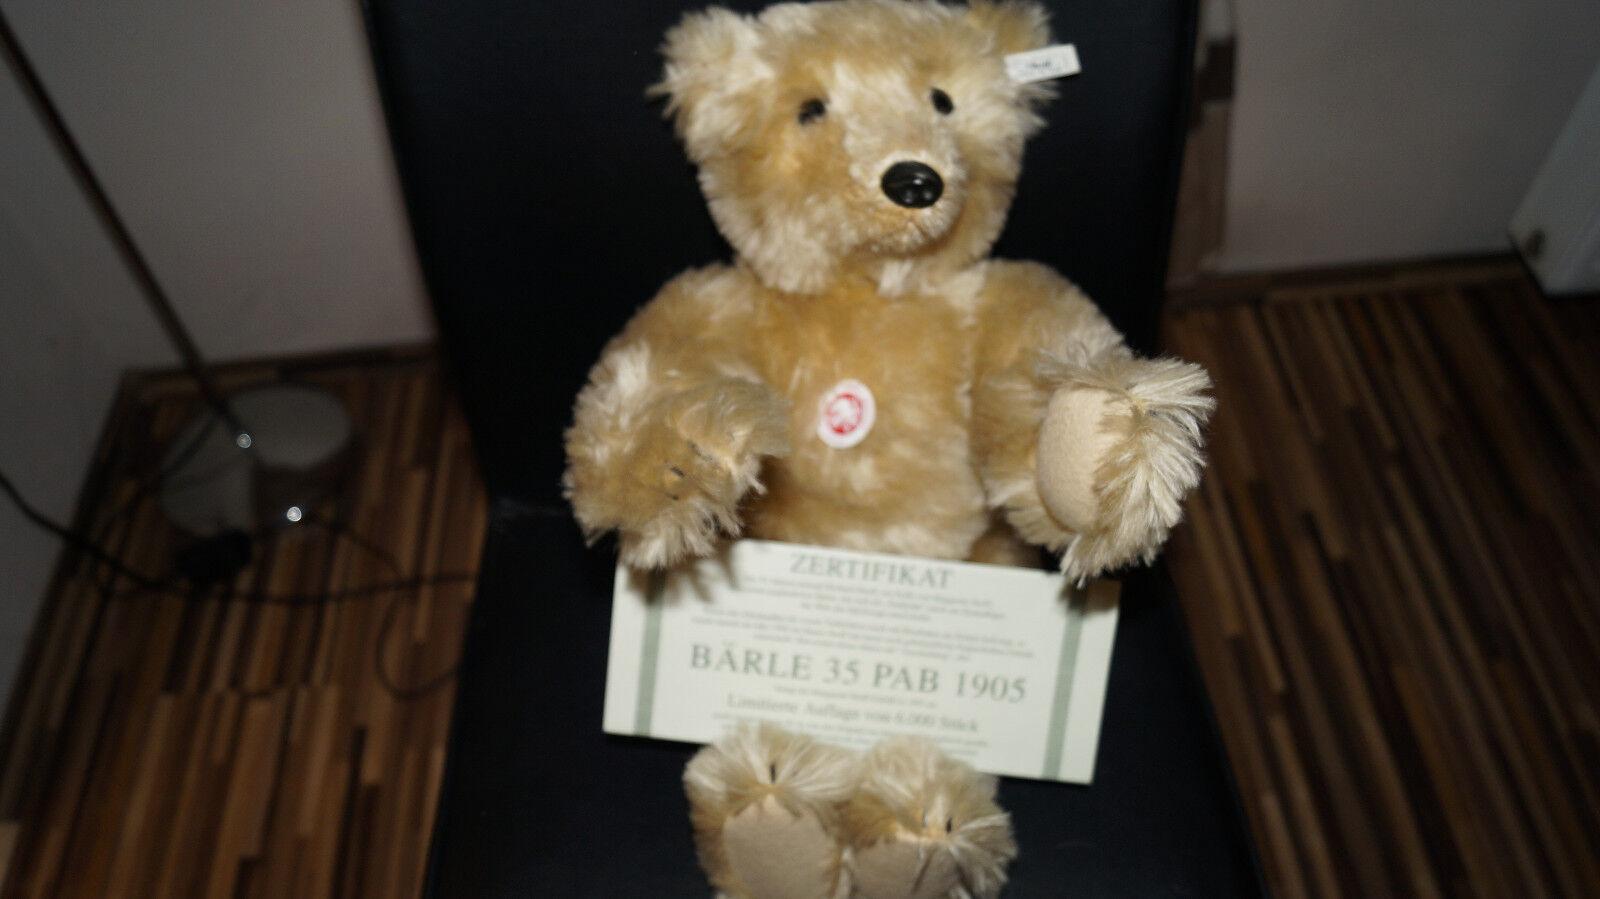 Steiff Bärle 35 PAB 1905 limitiert, unbespielt mit Zertifikat und 45cm groß